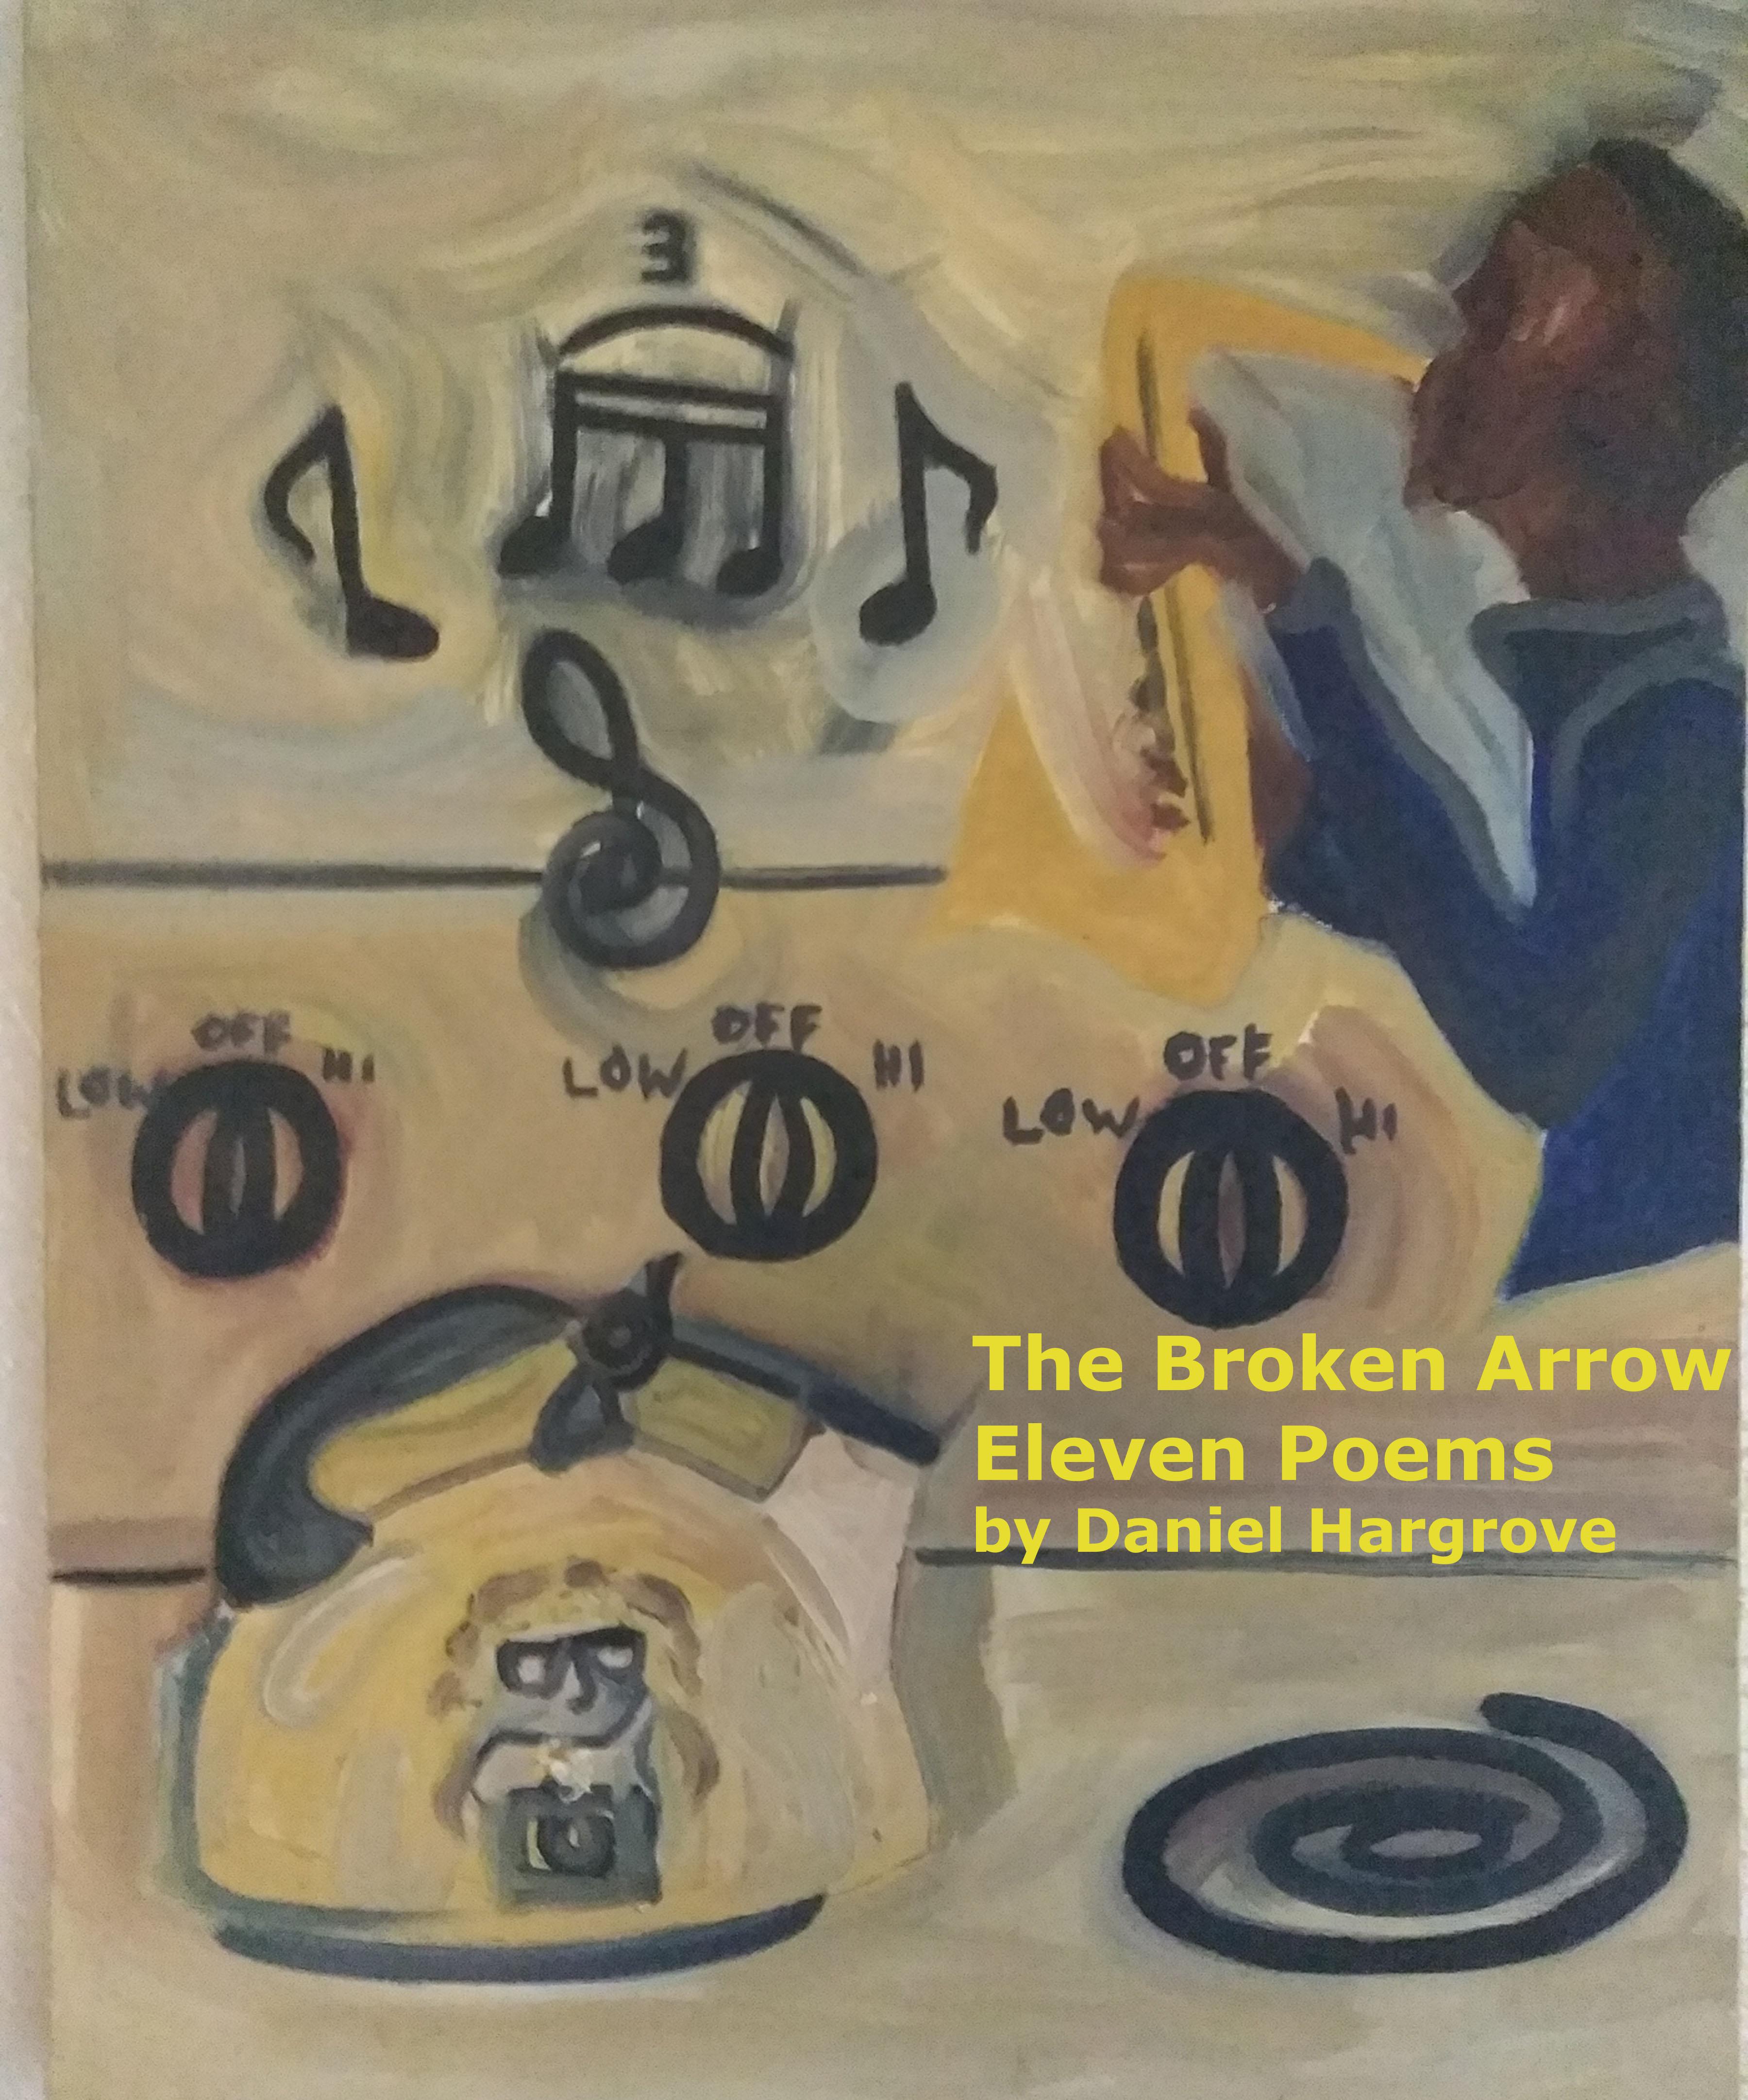 Smashwords – The Broken Arrow: Eleven Poems – a book by